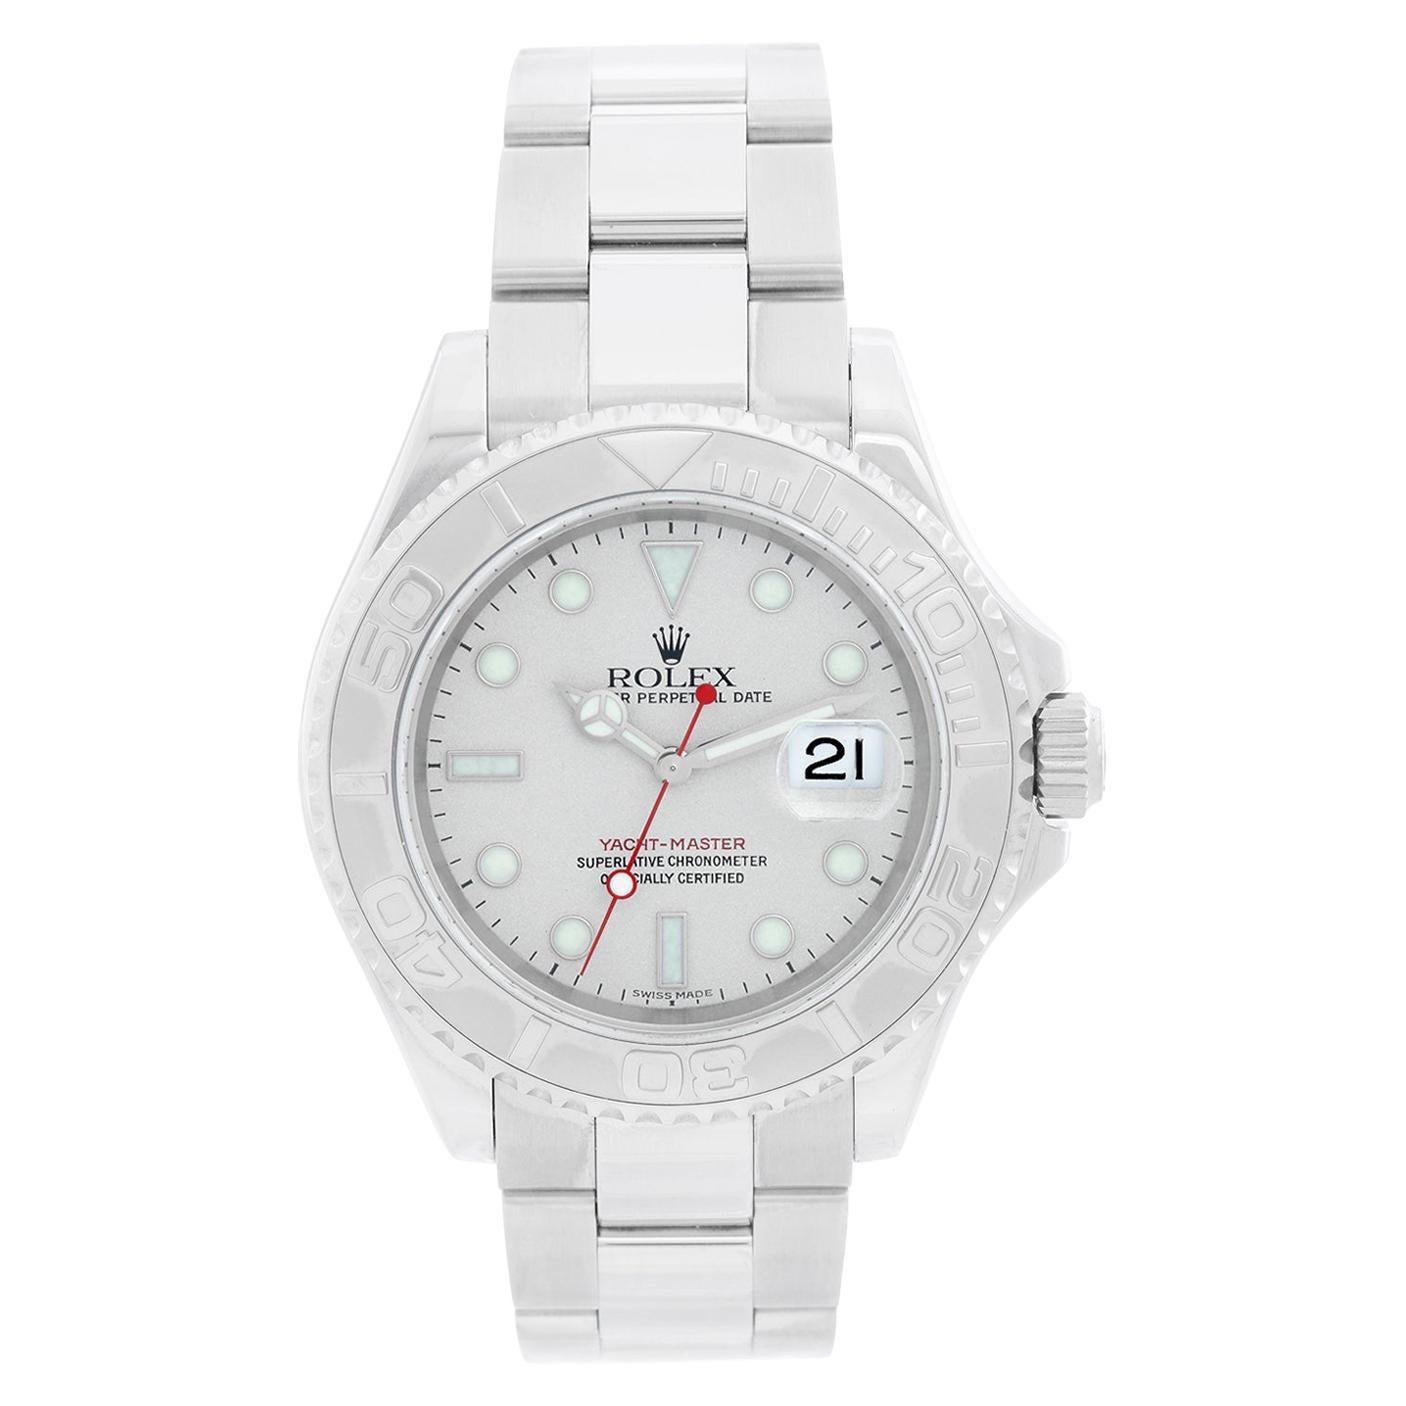 Rolex Yacht-Master Men's Stainless Steel Watch 16622